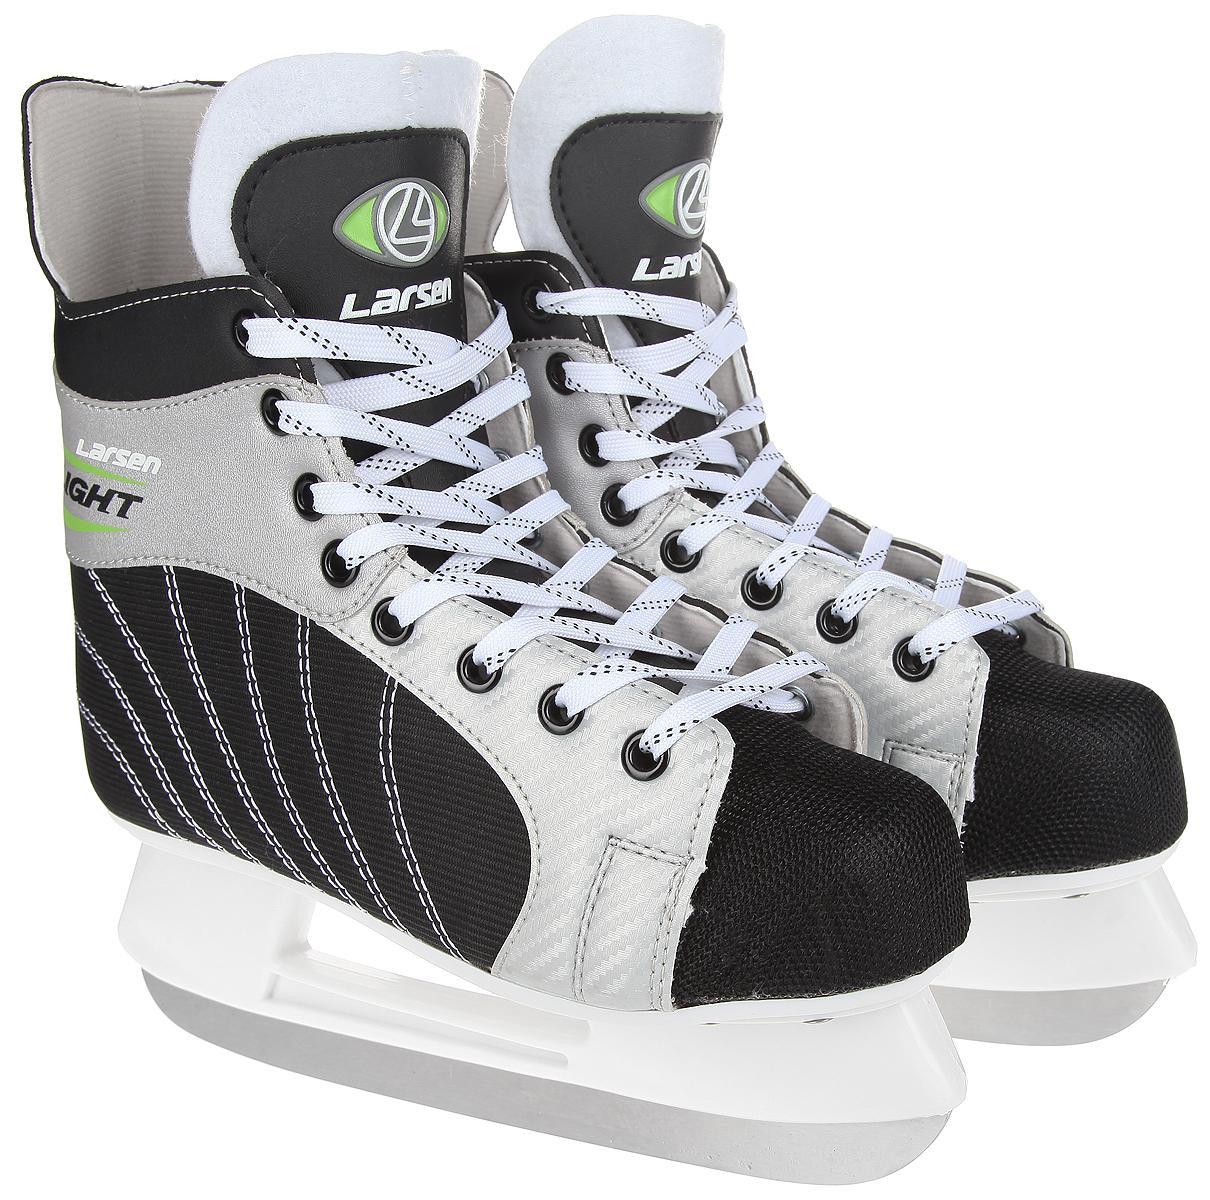 Коньки хоккейные мужские Larsen Light, цвет: черный, серебристый, белый. Размер 41LightСтильные коньки Light от Larsen прекрасно подойдут для начинающих игроков в хоккей. Ботиноквыполнен из нейлона со вставками из морозоустойчивого поливинилхлорида. Мыс выполнен изполипропилена, покрытого сетчатым нейлоном, который защитит ноги от ударов. Внутреннийслой изготовлен из материала Cambrelle, который обладает высокой гигроскопичностью ивоздухопроницаемостью, имеет высокую степень устойчивости к истиранию, приятен на ощупь,быстро высыхает. Язычок из войлока обеспечивает дополнительное тепло. Плотная шнуровканадежно фиксирует модель на ноге. Голеностоп имеет удобный суппорт. Стелька из EVA стекстильной поверхностью обеспечит комфортное катание. Стойка выполнена изударопрочного пластика. Лезвие из нержавеющей стали обеспечит превосходное скольжение.В комплект входят пластиковые чехлы для лезвия. Рекомендуемая температураиспользования: до -20°C.